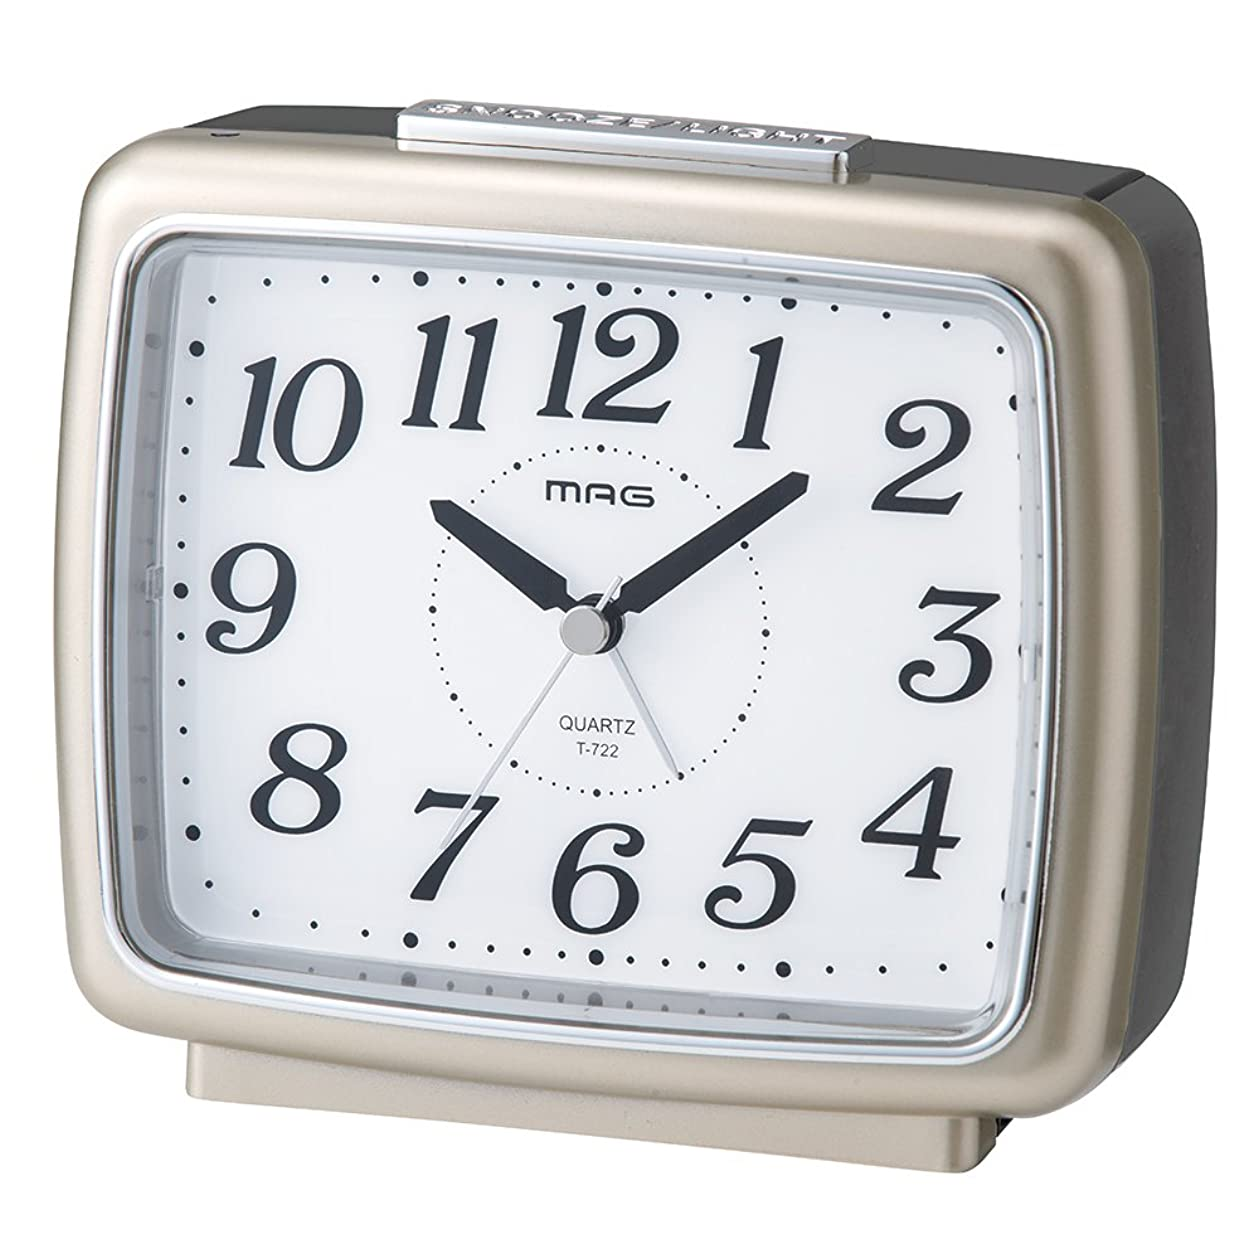 消費チャンバーサイクルMAG(マグ) 目覚まし時計 非電波 アナログ ブリリア 連続秒針 自動点灯ライト シャンペンゴールド T-722CGM-Z